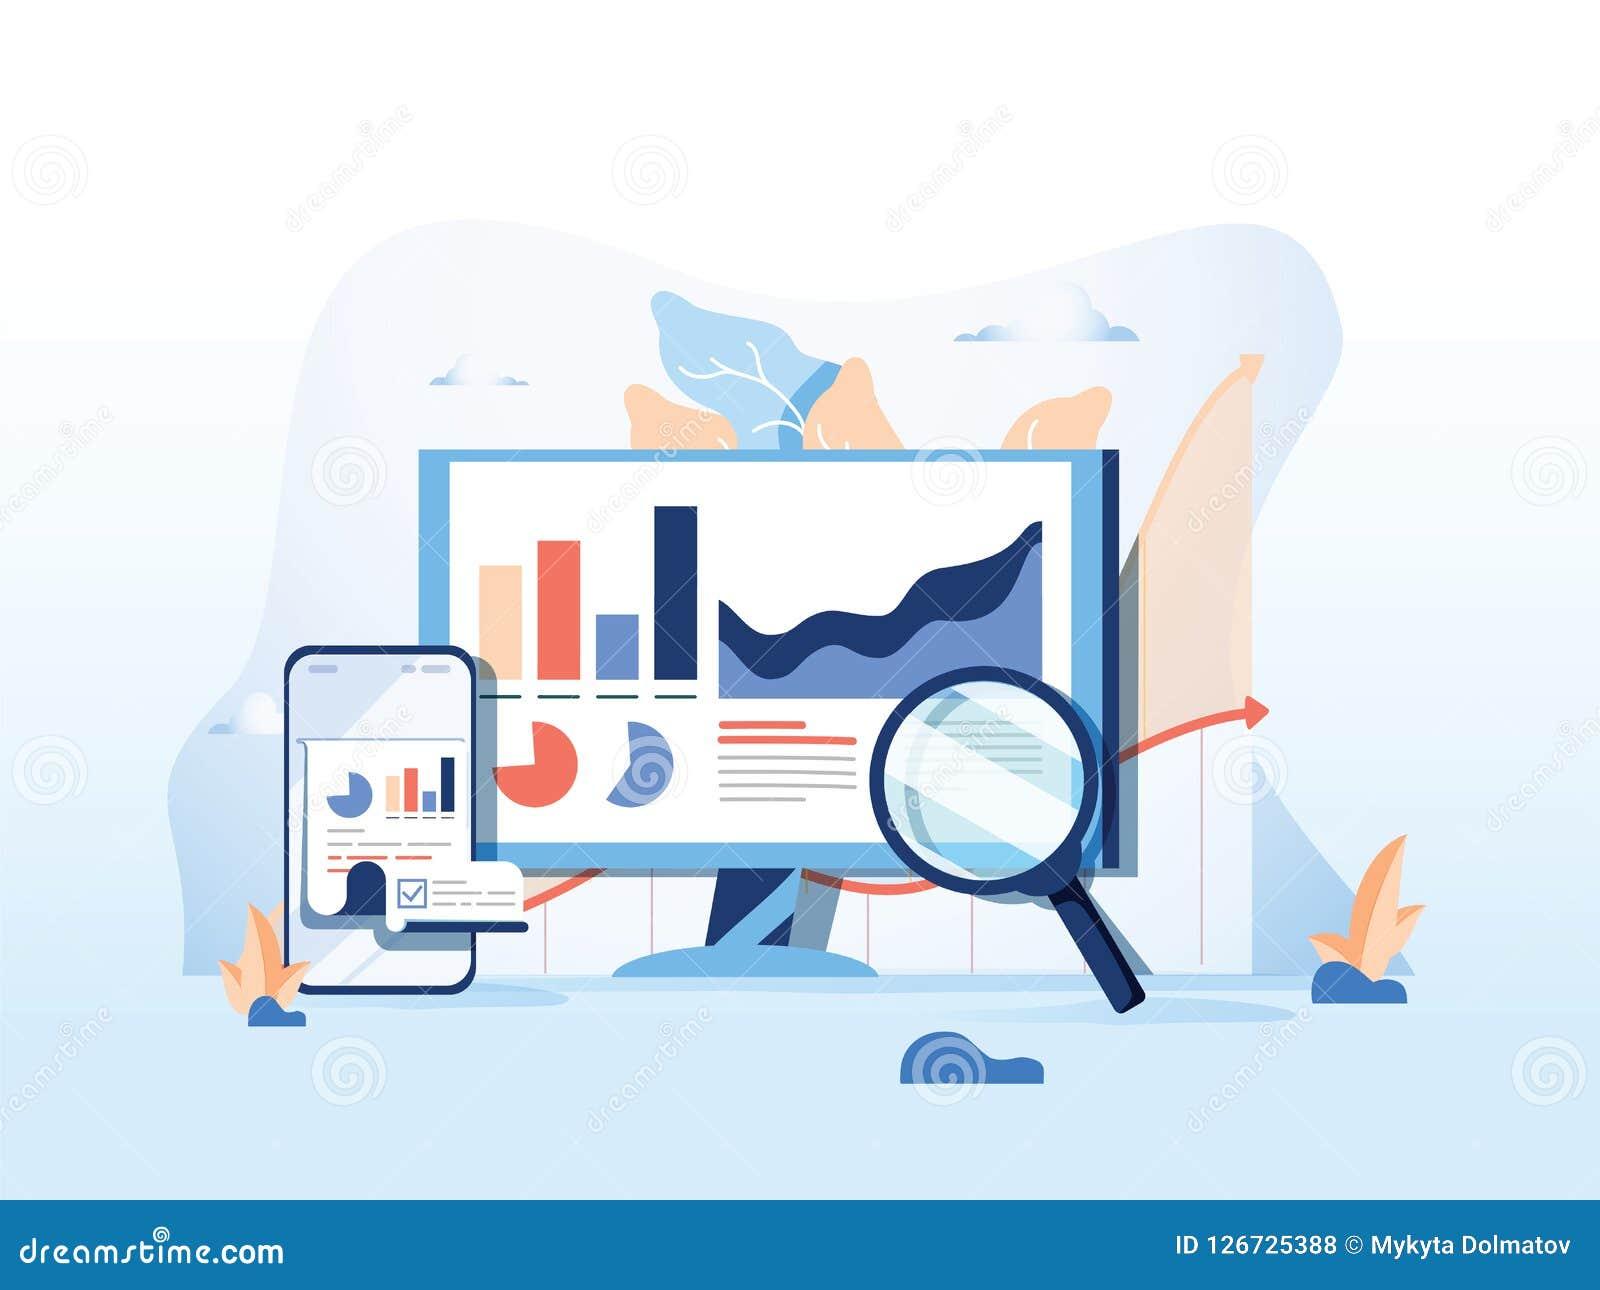 SEO-Bericht, Datenüberwachung, Netzverkehrsanalytik, flache Vektorillustration der großen Daten auf blauem Hintergrund